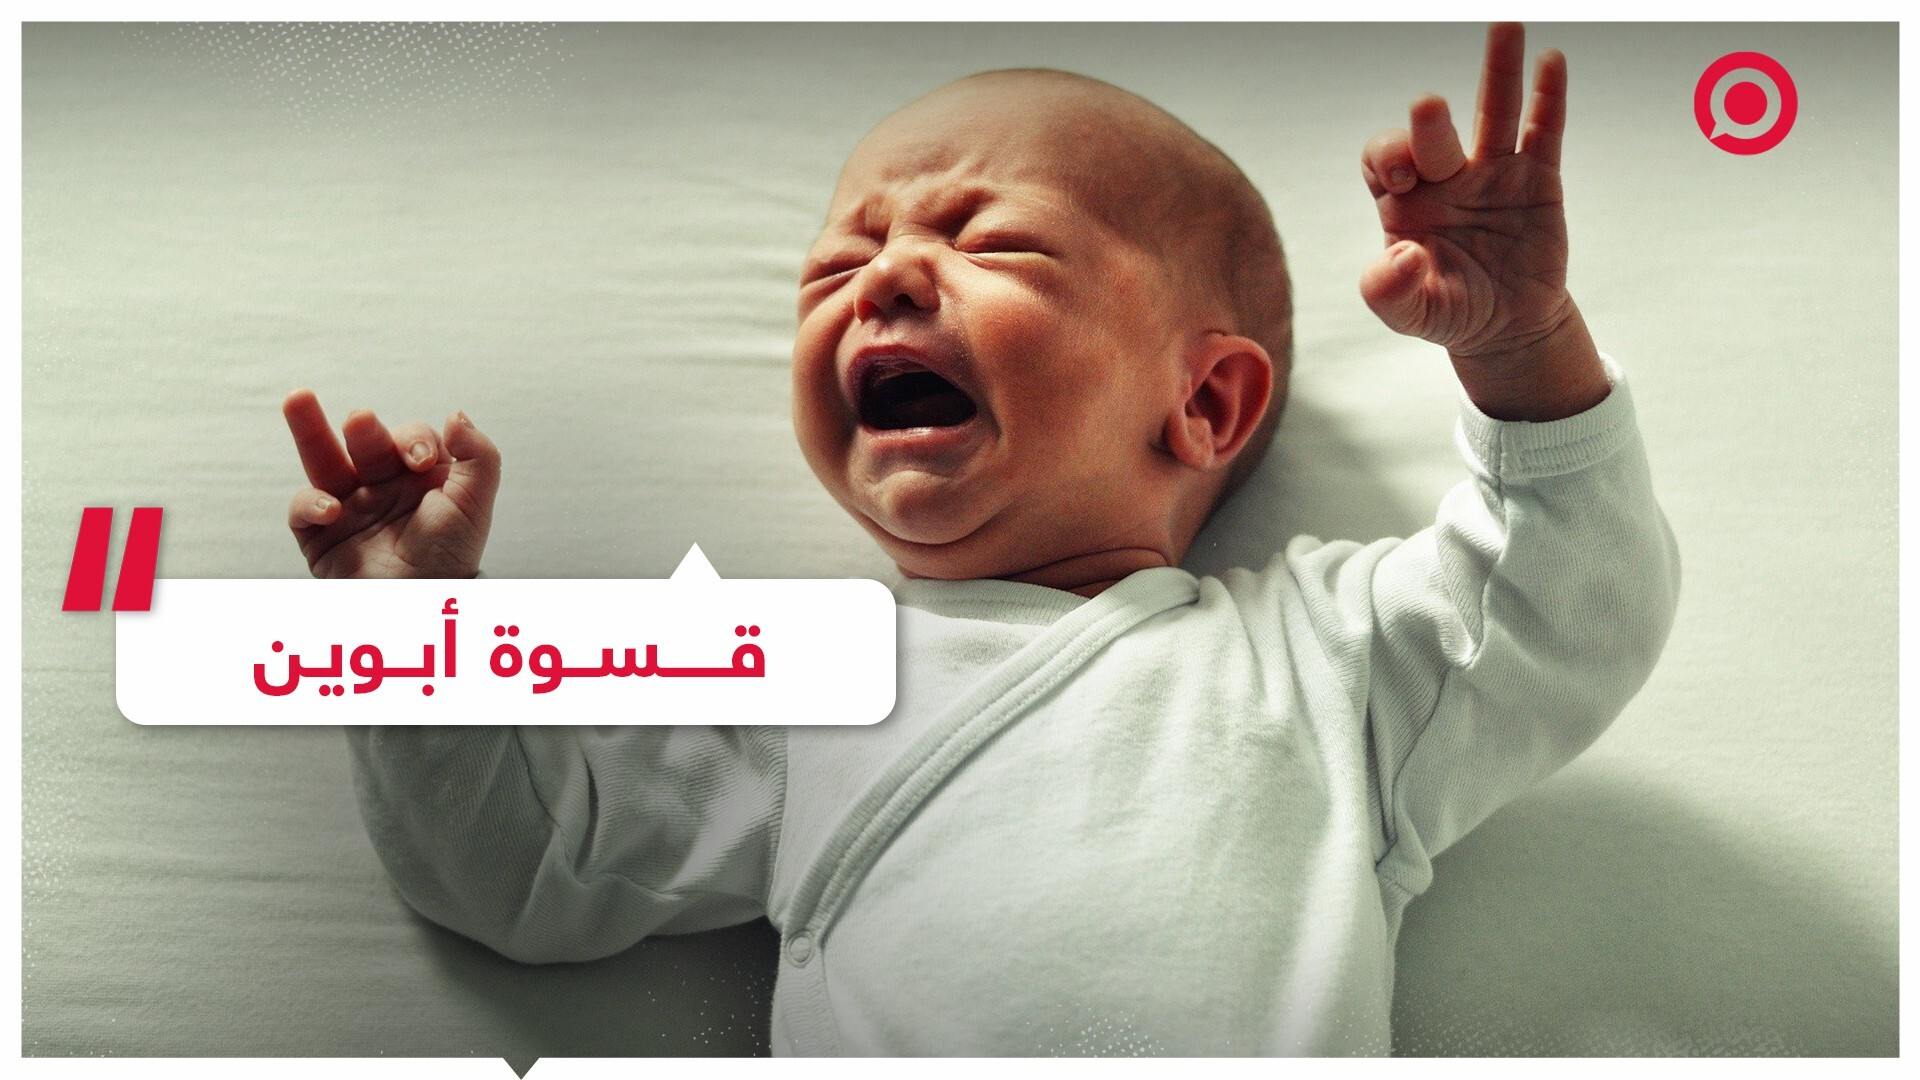 خلاف بين زوجين في مصر يودي بحياة ابنهما